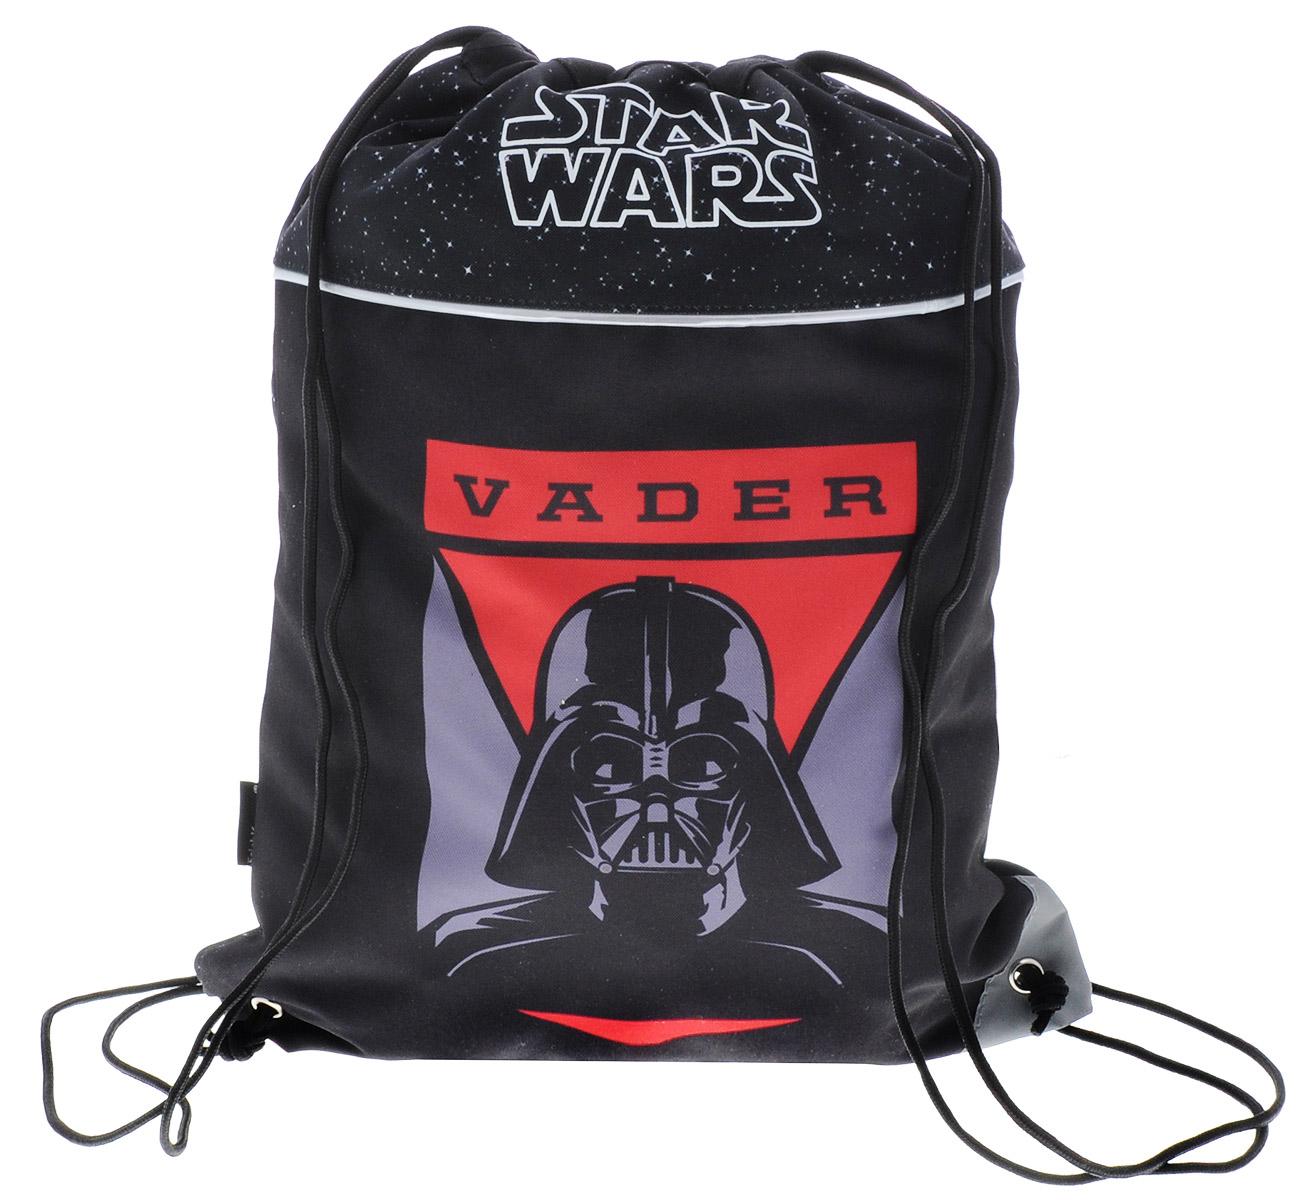 Erich Krause Сумка для сменной обуви Star Wars Vader72523WDСумка для сменной обуви Erich Krause Star Wars Vader идеально подойдет как для хранения, так и для переноски сменной обуви и одежды. Сумка выполнена из прочного полиэстера и содержит одно вместительное отделение, затягивающееся с помощью текстильных шнурков. Шнурки фиксируются в нижней части сумки, благодаря чему ее можно носить за спиной как рюкзак. Сумка дополнена светоотражающими элементами.